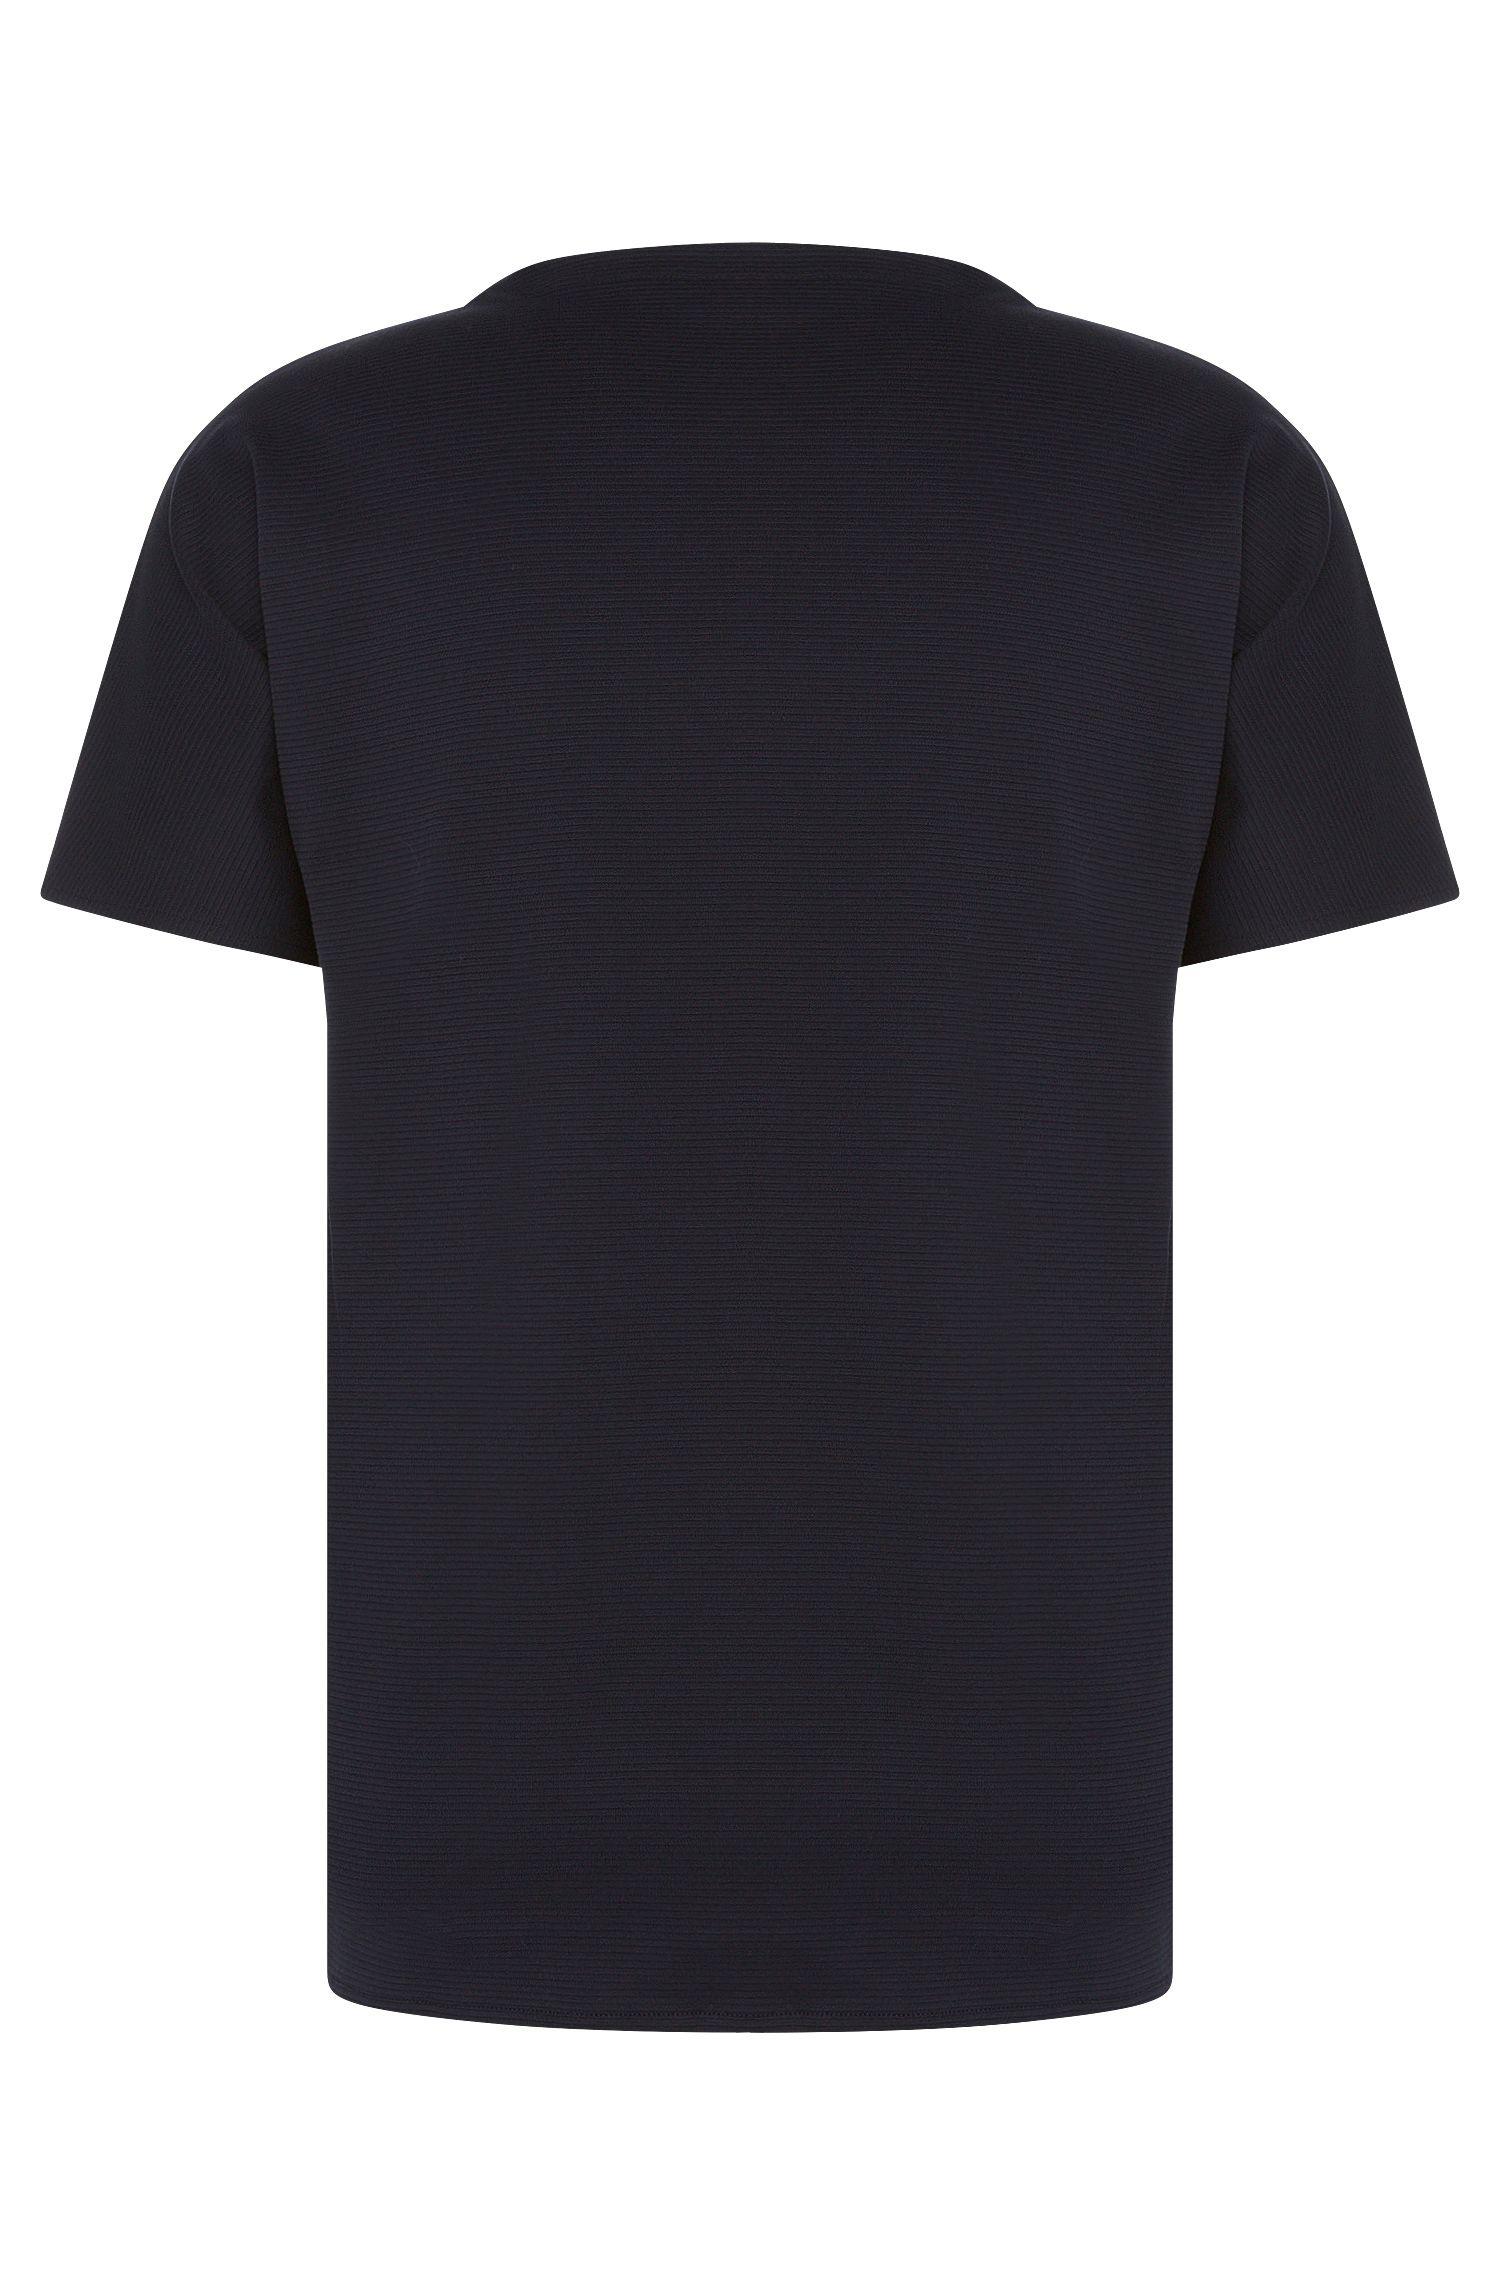 Loose-Fit T-Shirt aus Baumwolle mit geriffelter Struktur: 'Dimonos'